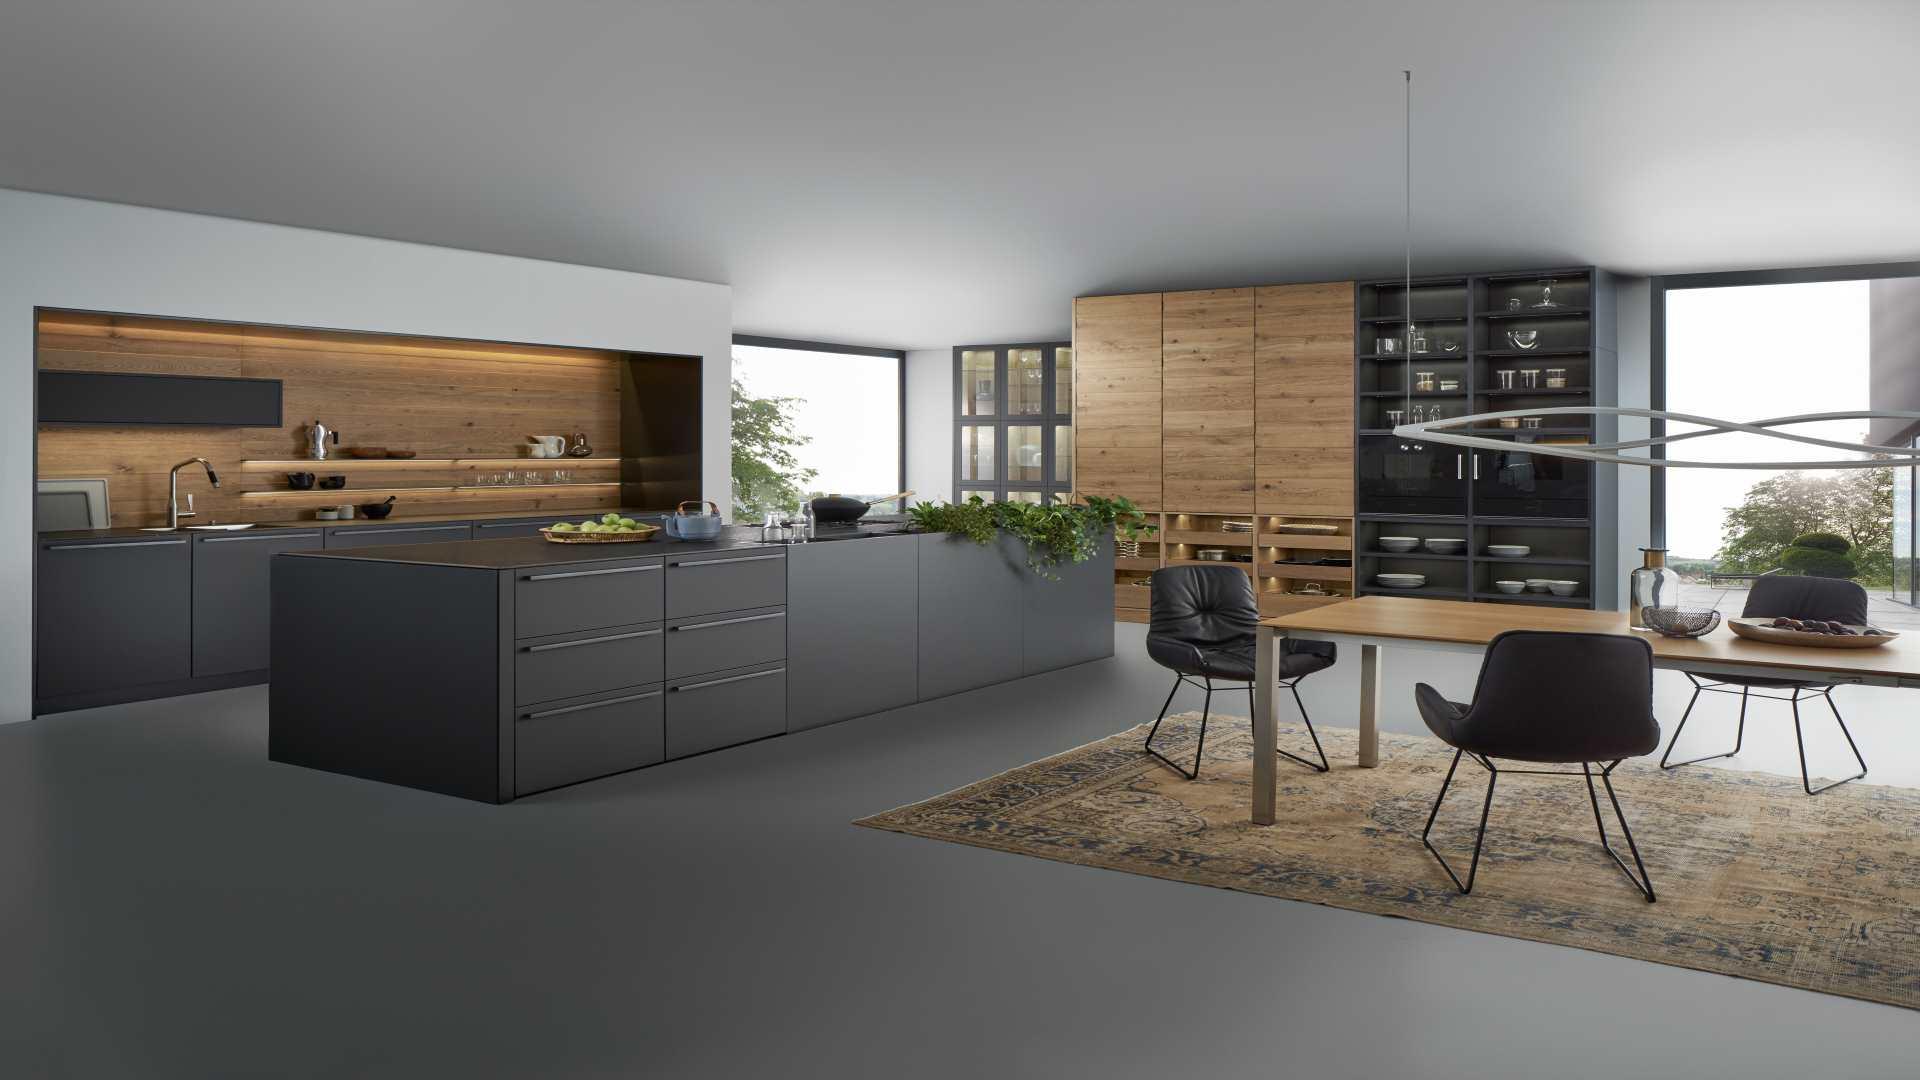 Kloeckner Küchenstudio Gelnhausen Qualität Maßgeschneidert Anpassungen Service 3